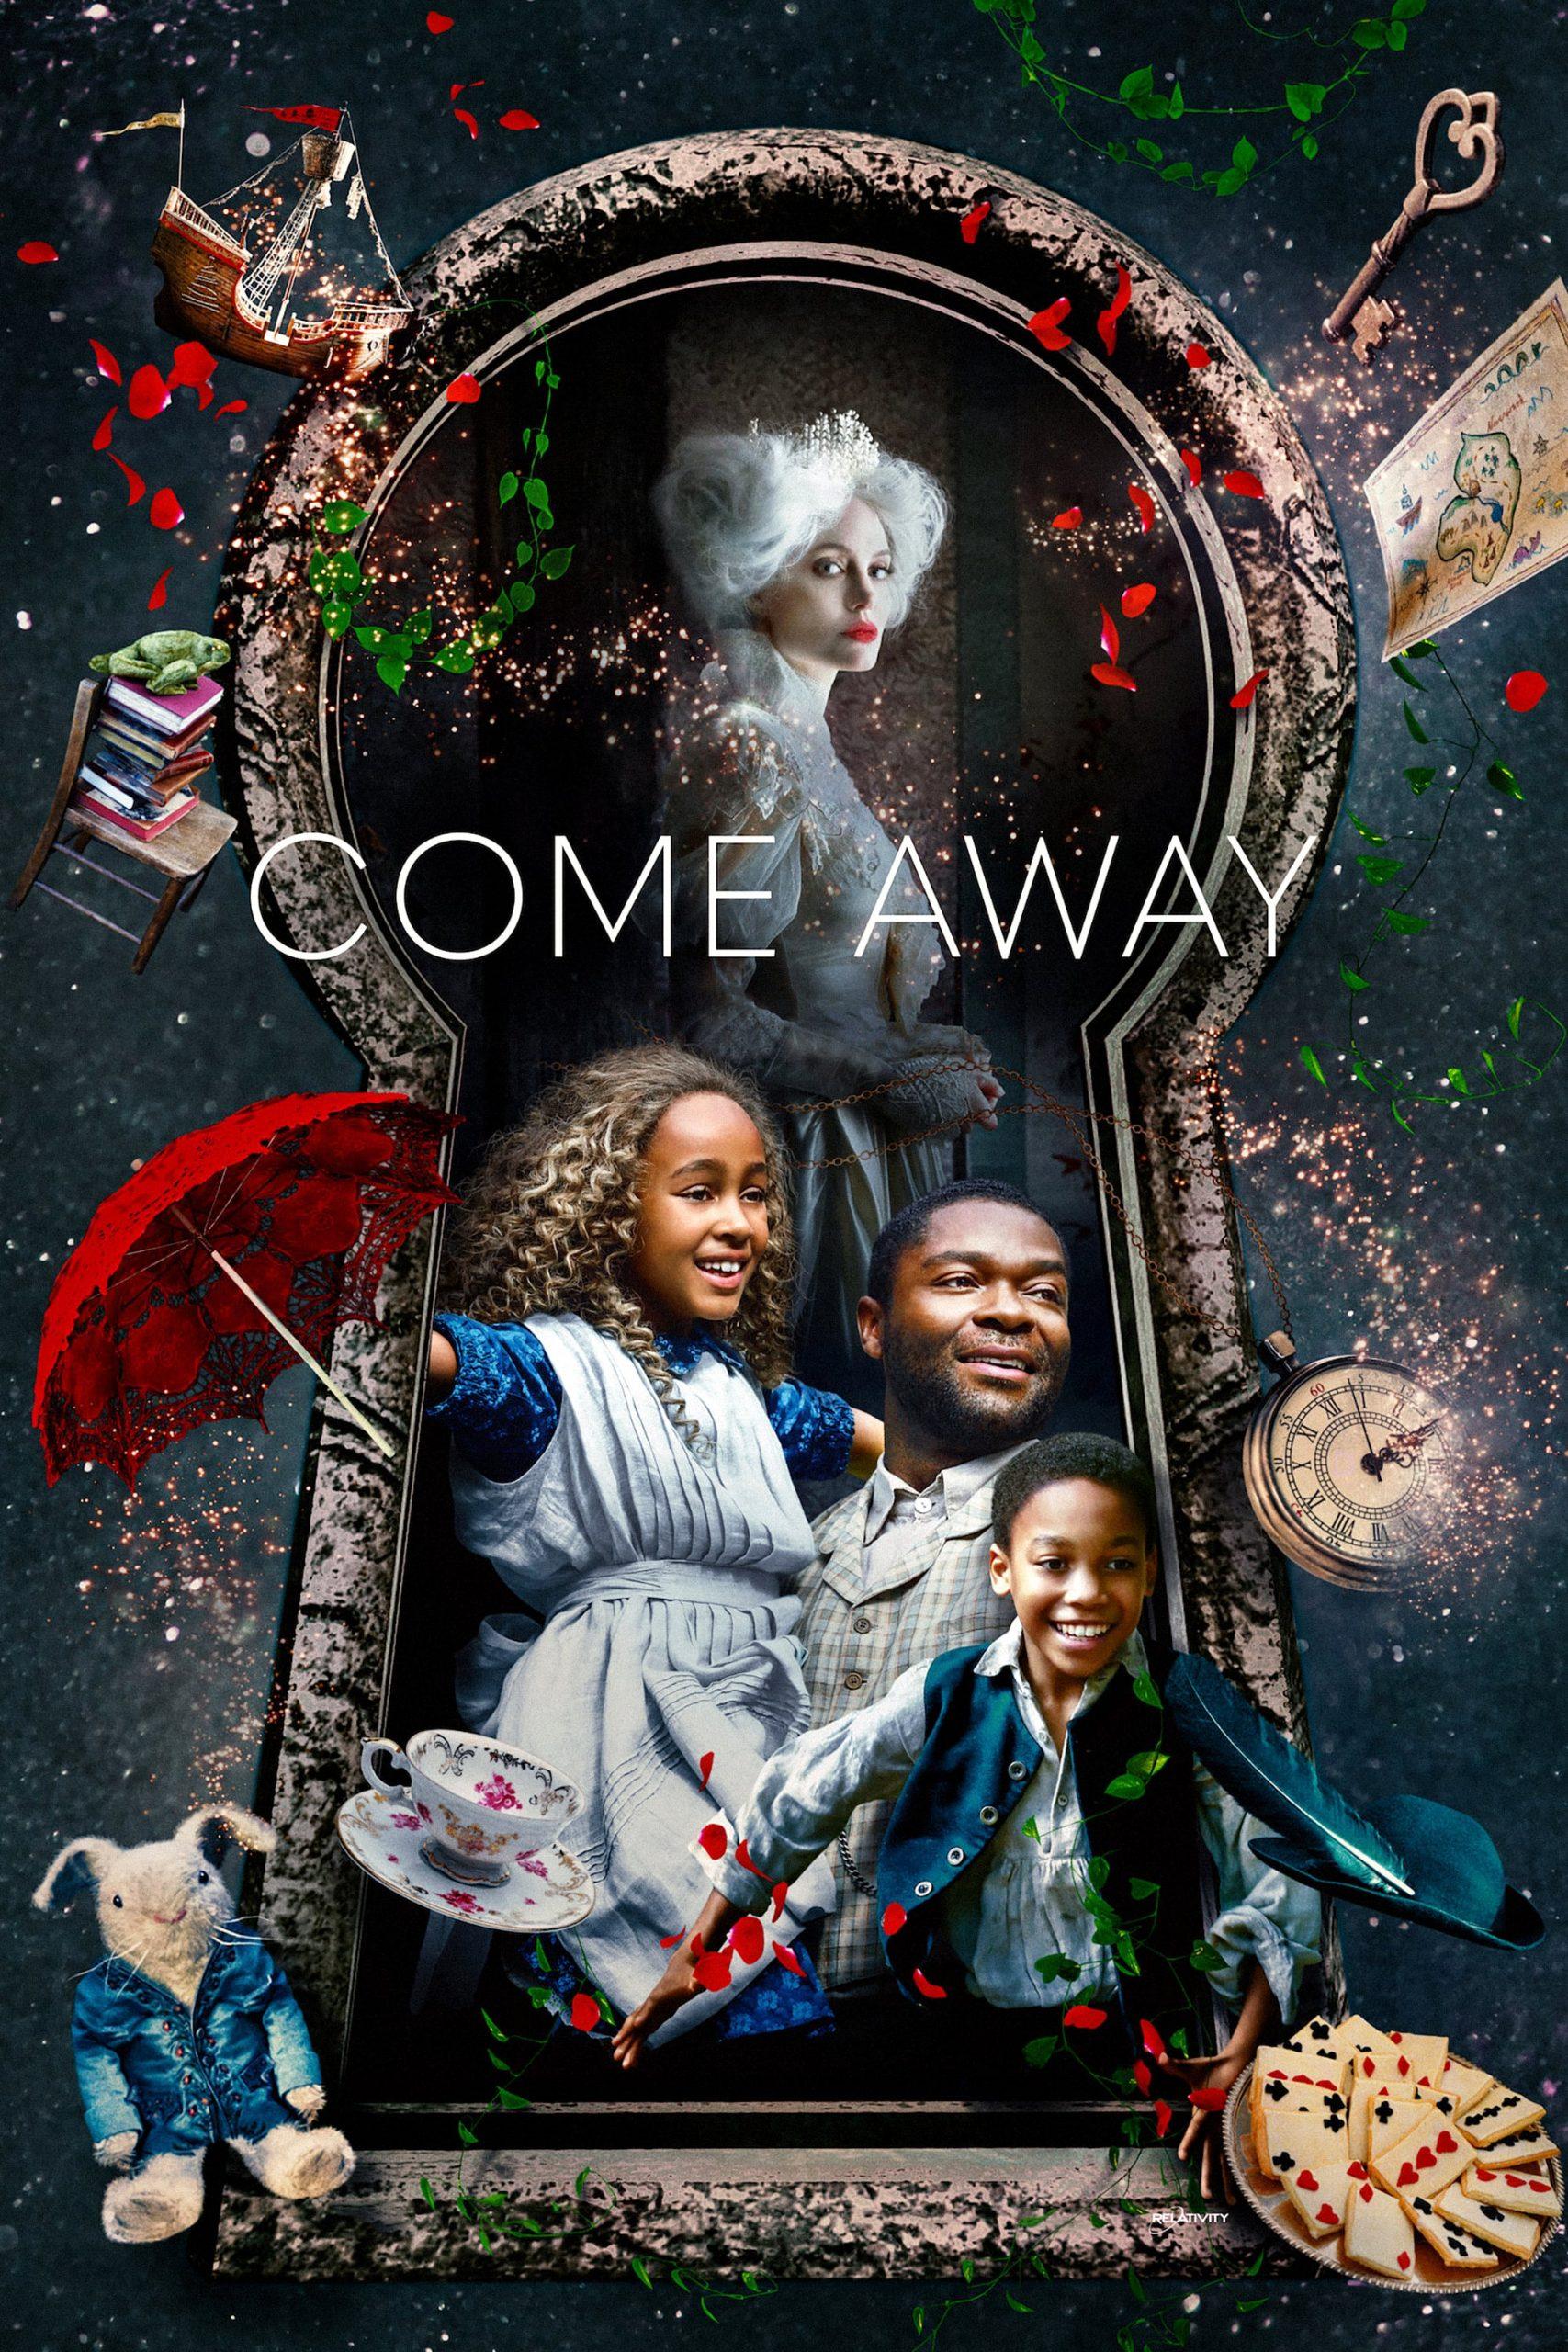 دانلود فیلمCome Away 2020 با دوبله فارسی